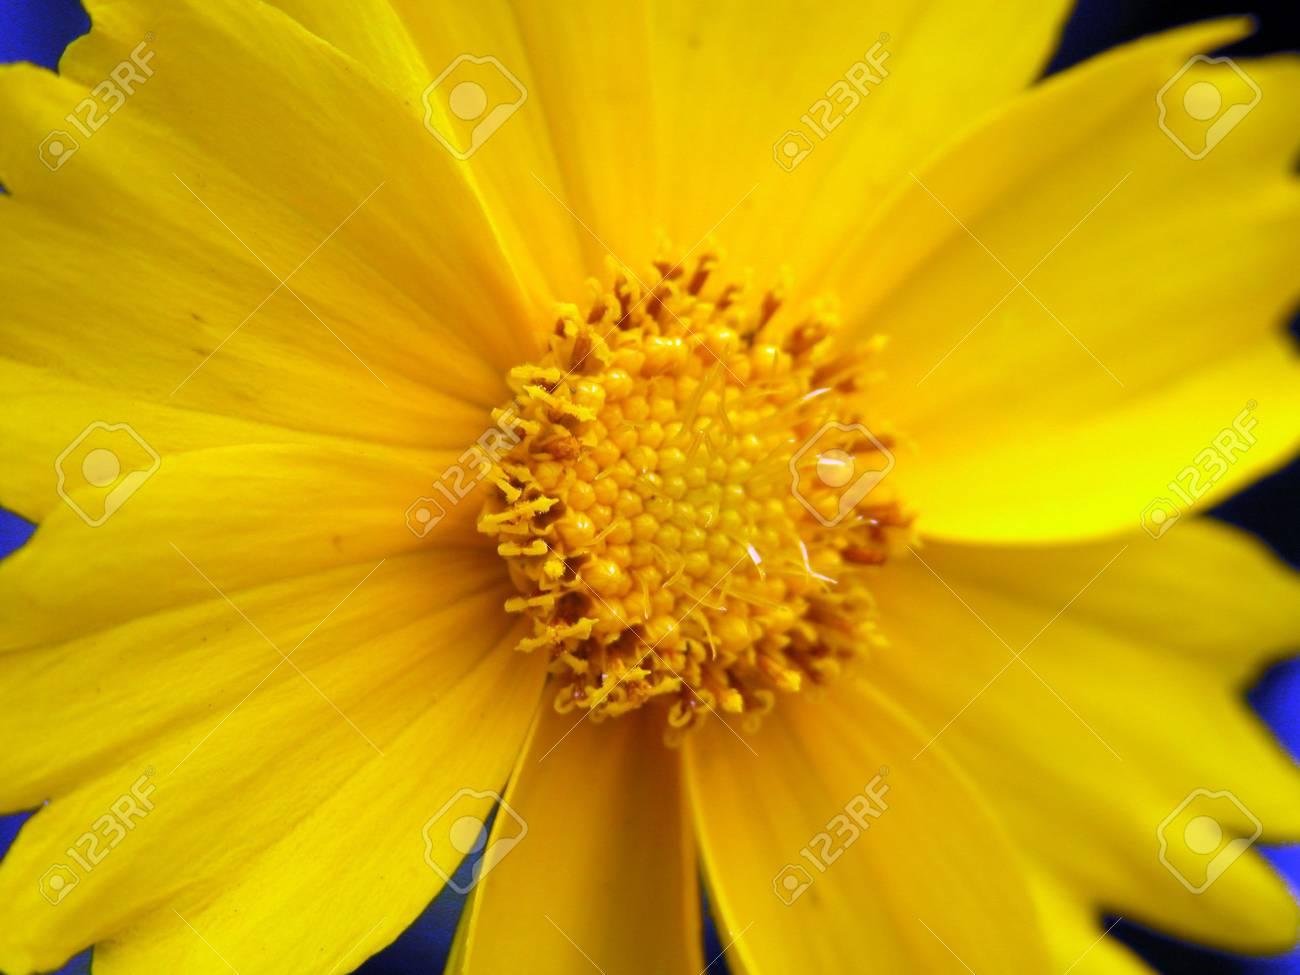 Fiore Giallo 6 Petali.Immagini Stock Fiore Giallo Fiore Del Sole Petali Image 328631